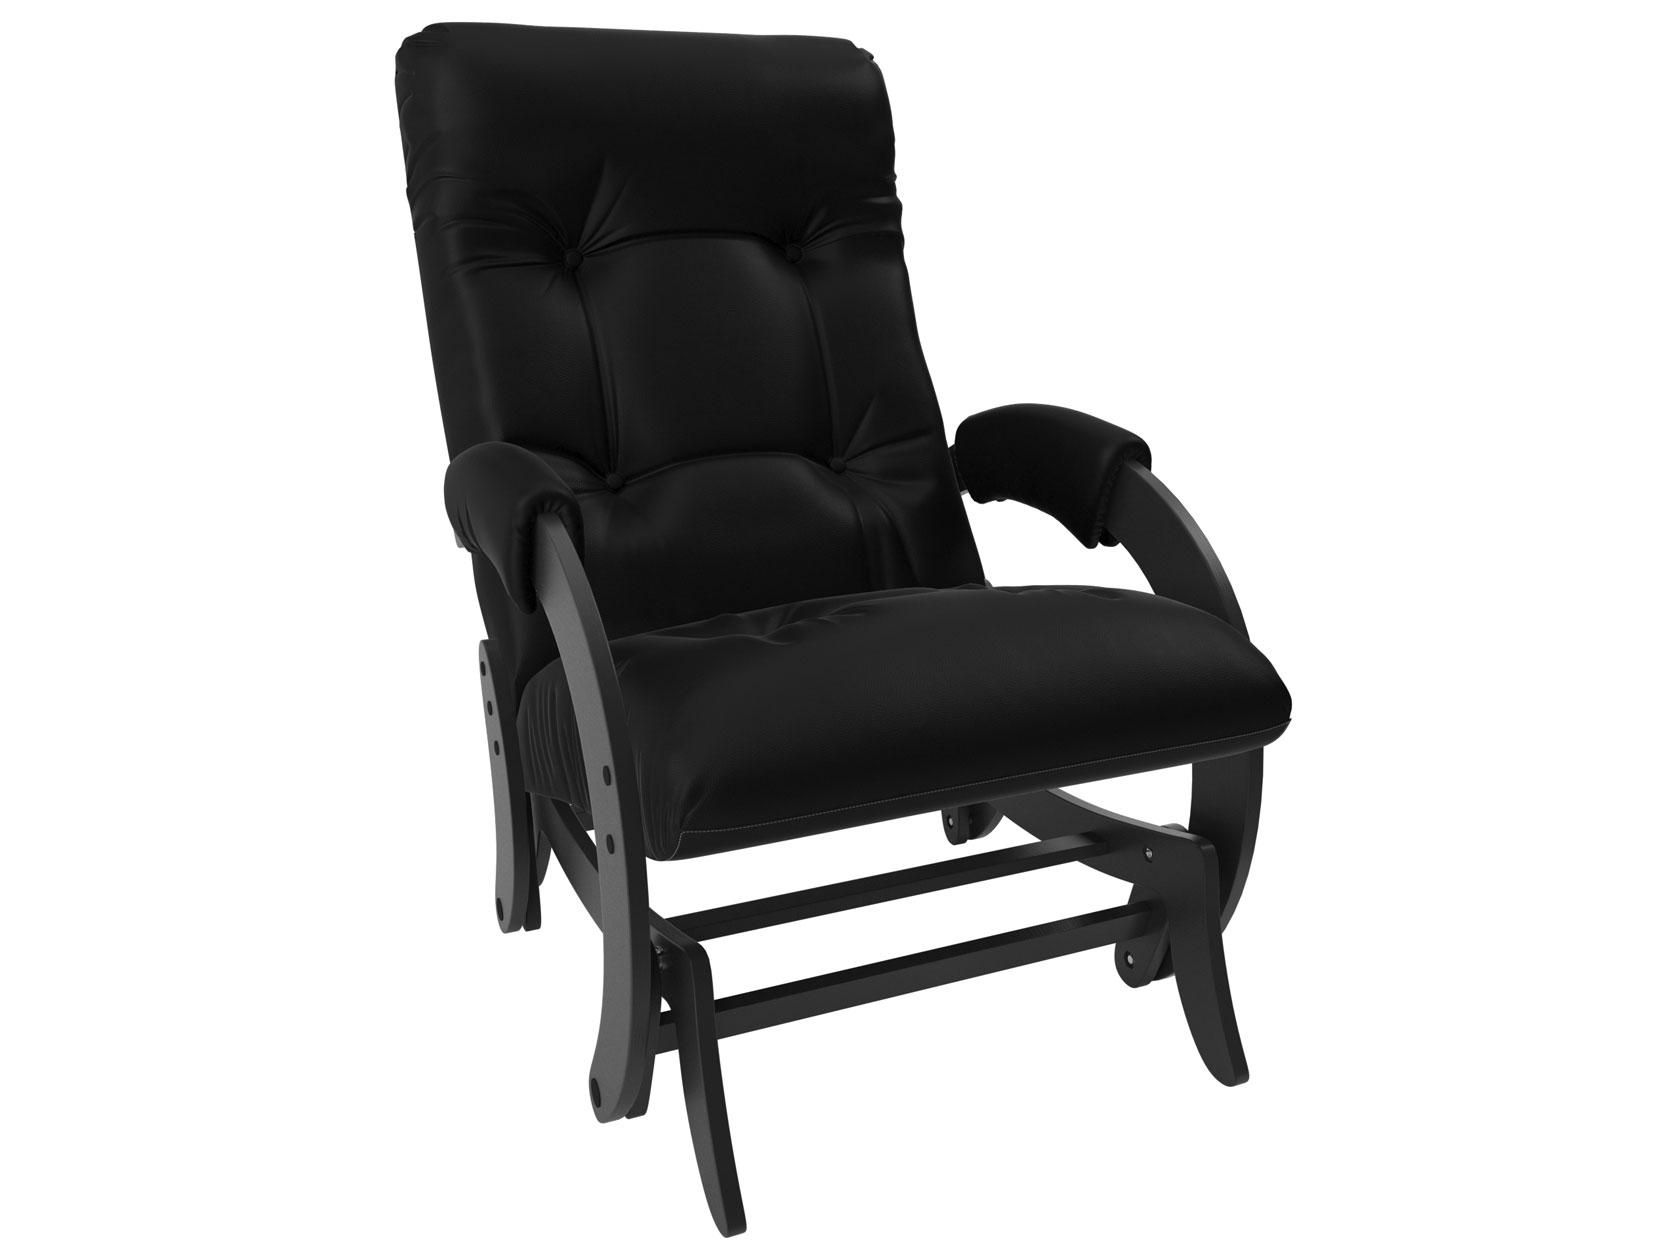 Кресло-глайдер 150-78644